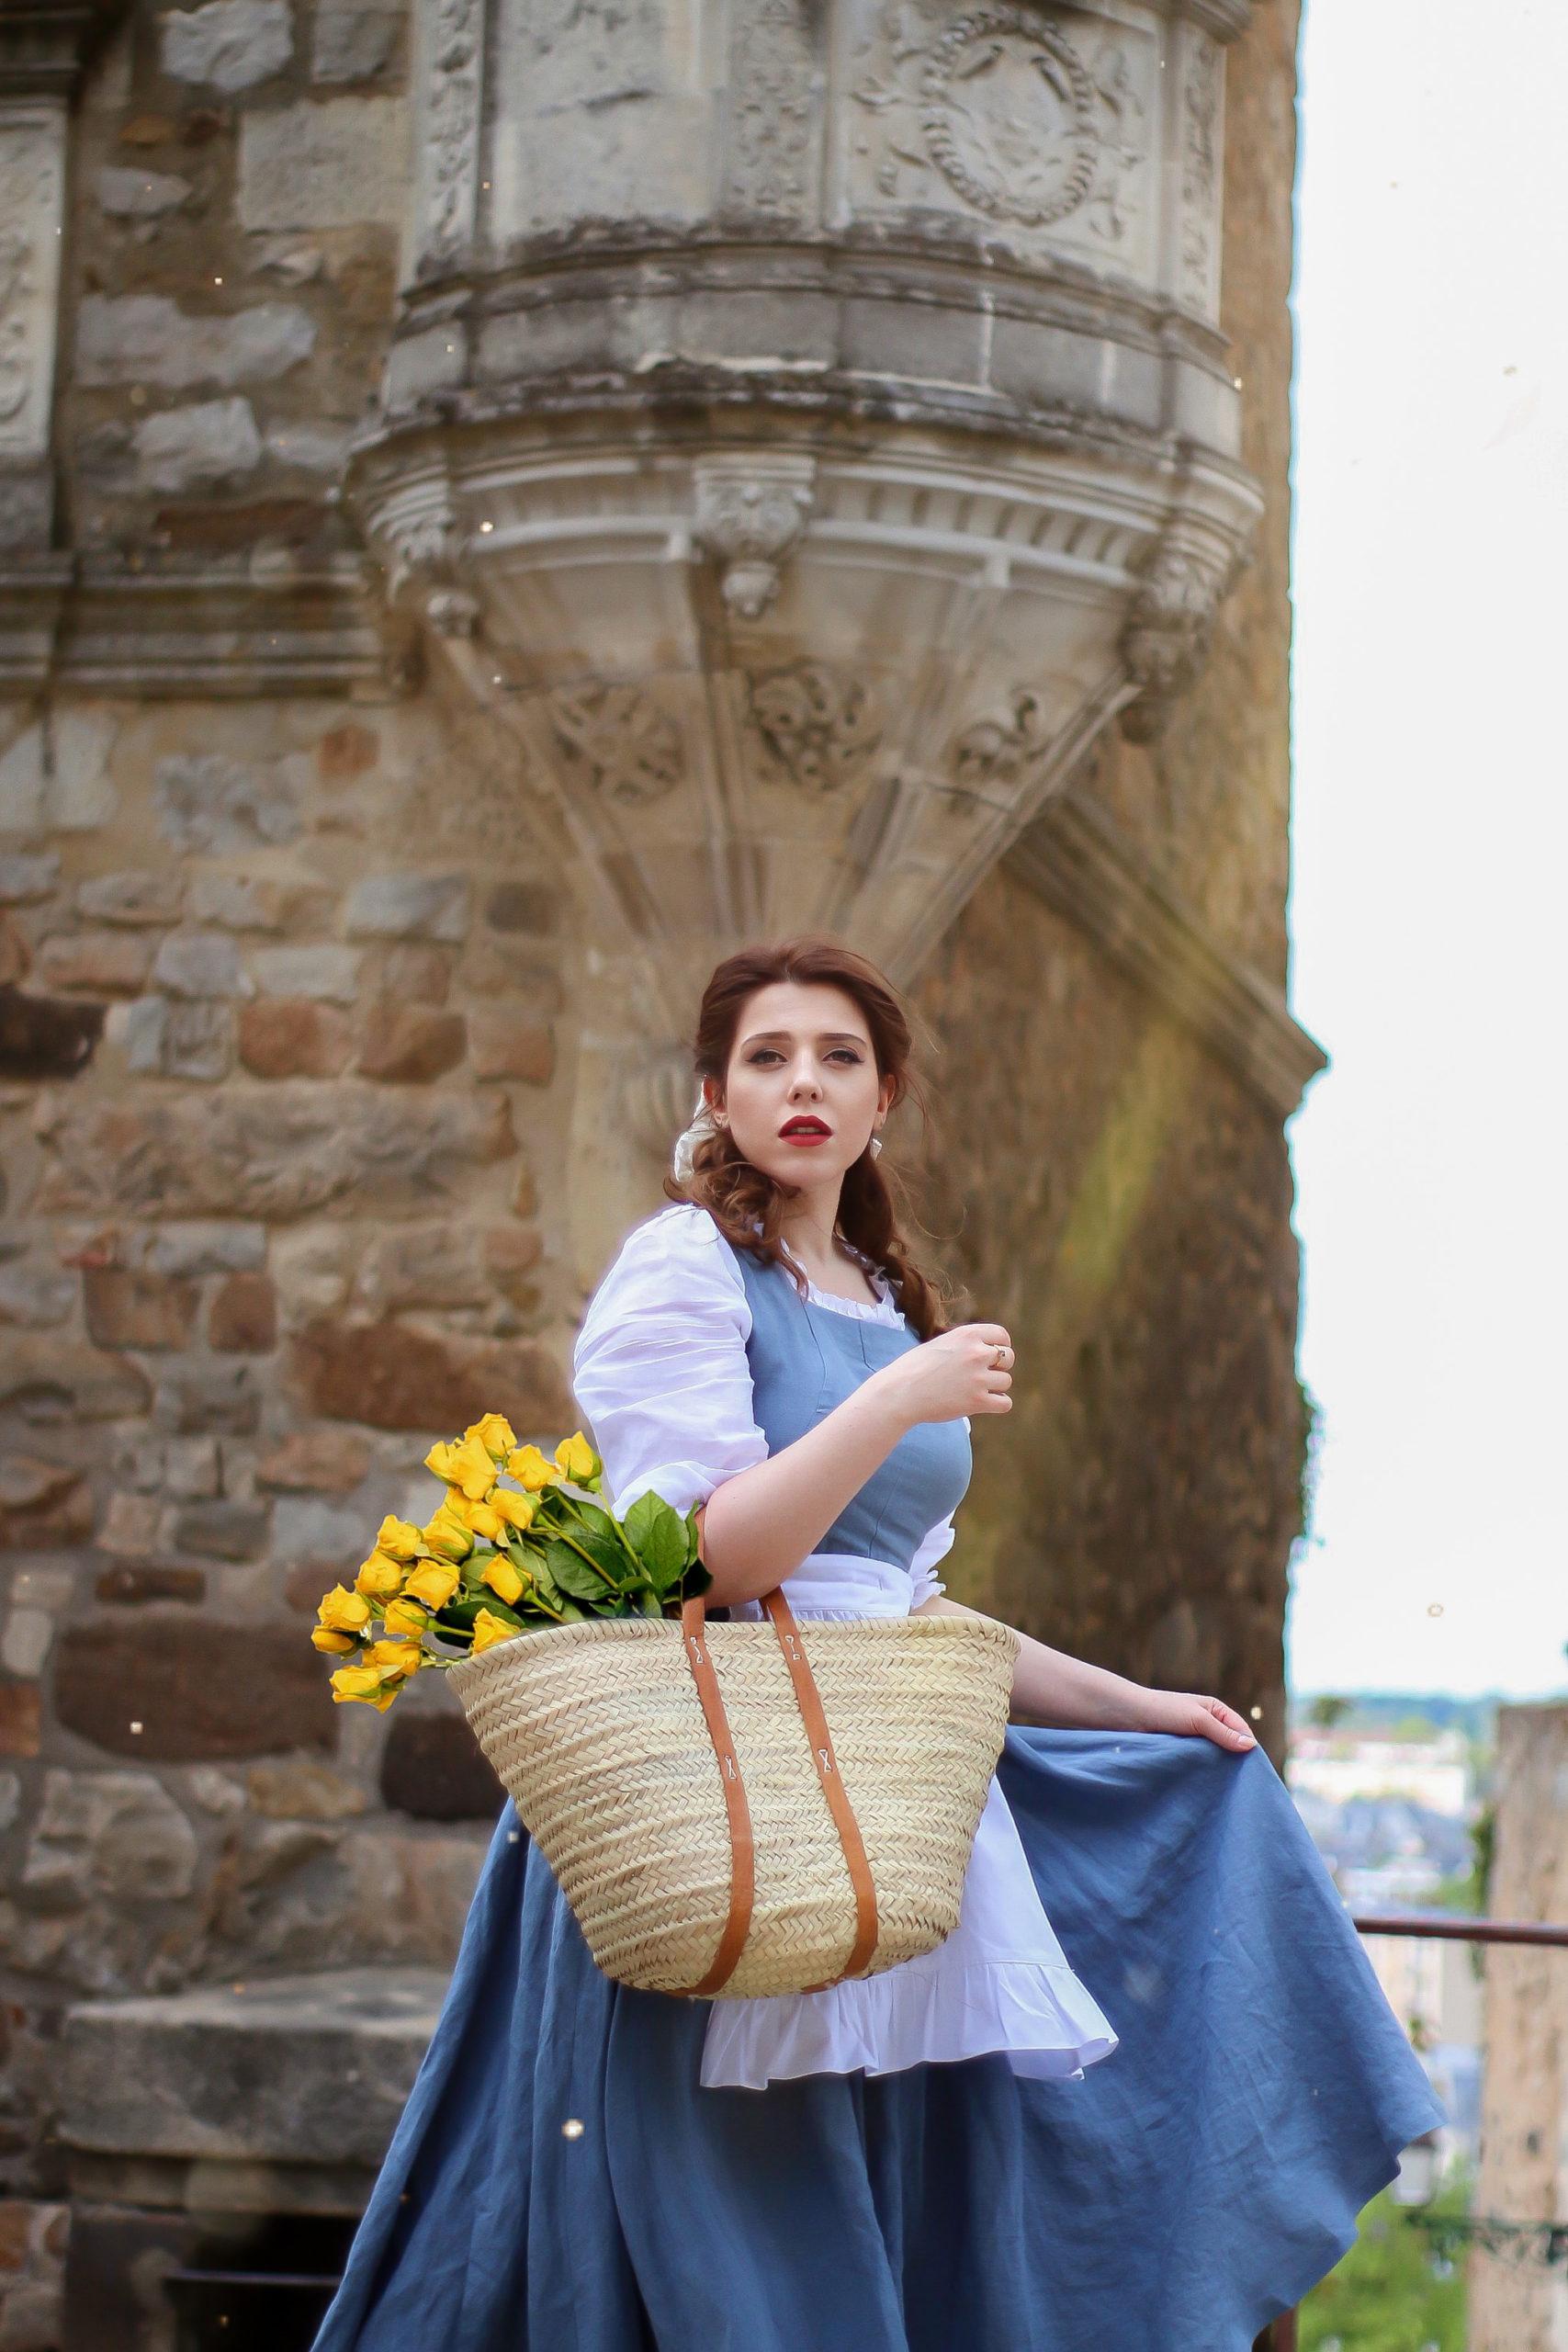 Cosplay déguisement Belle La Belle et la Bête Disney Beauty and the Beast